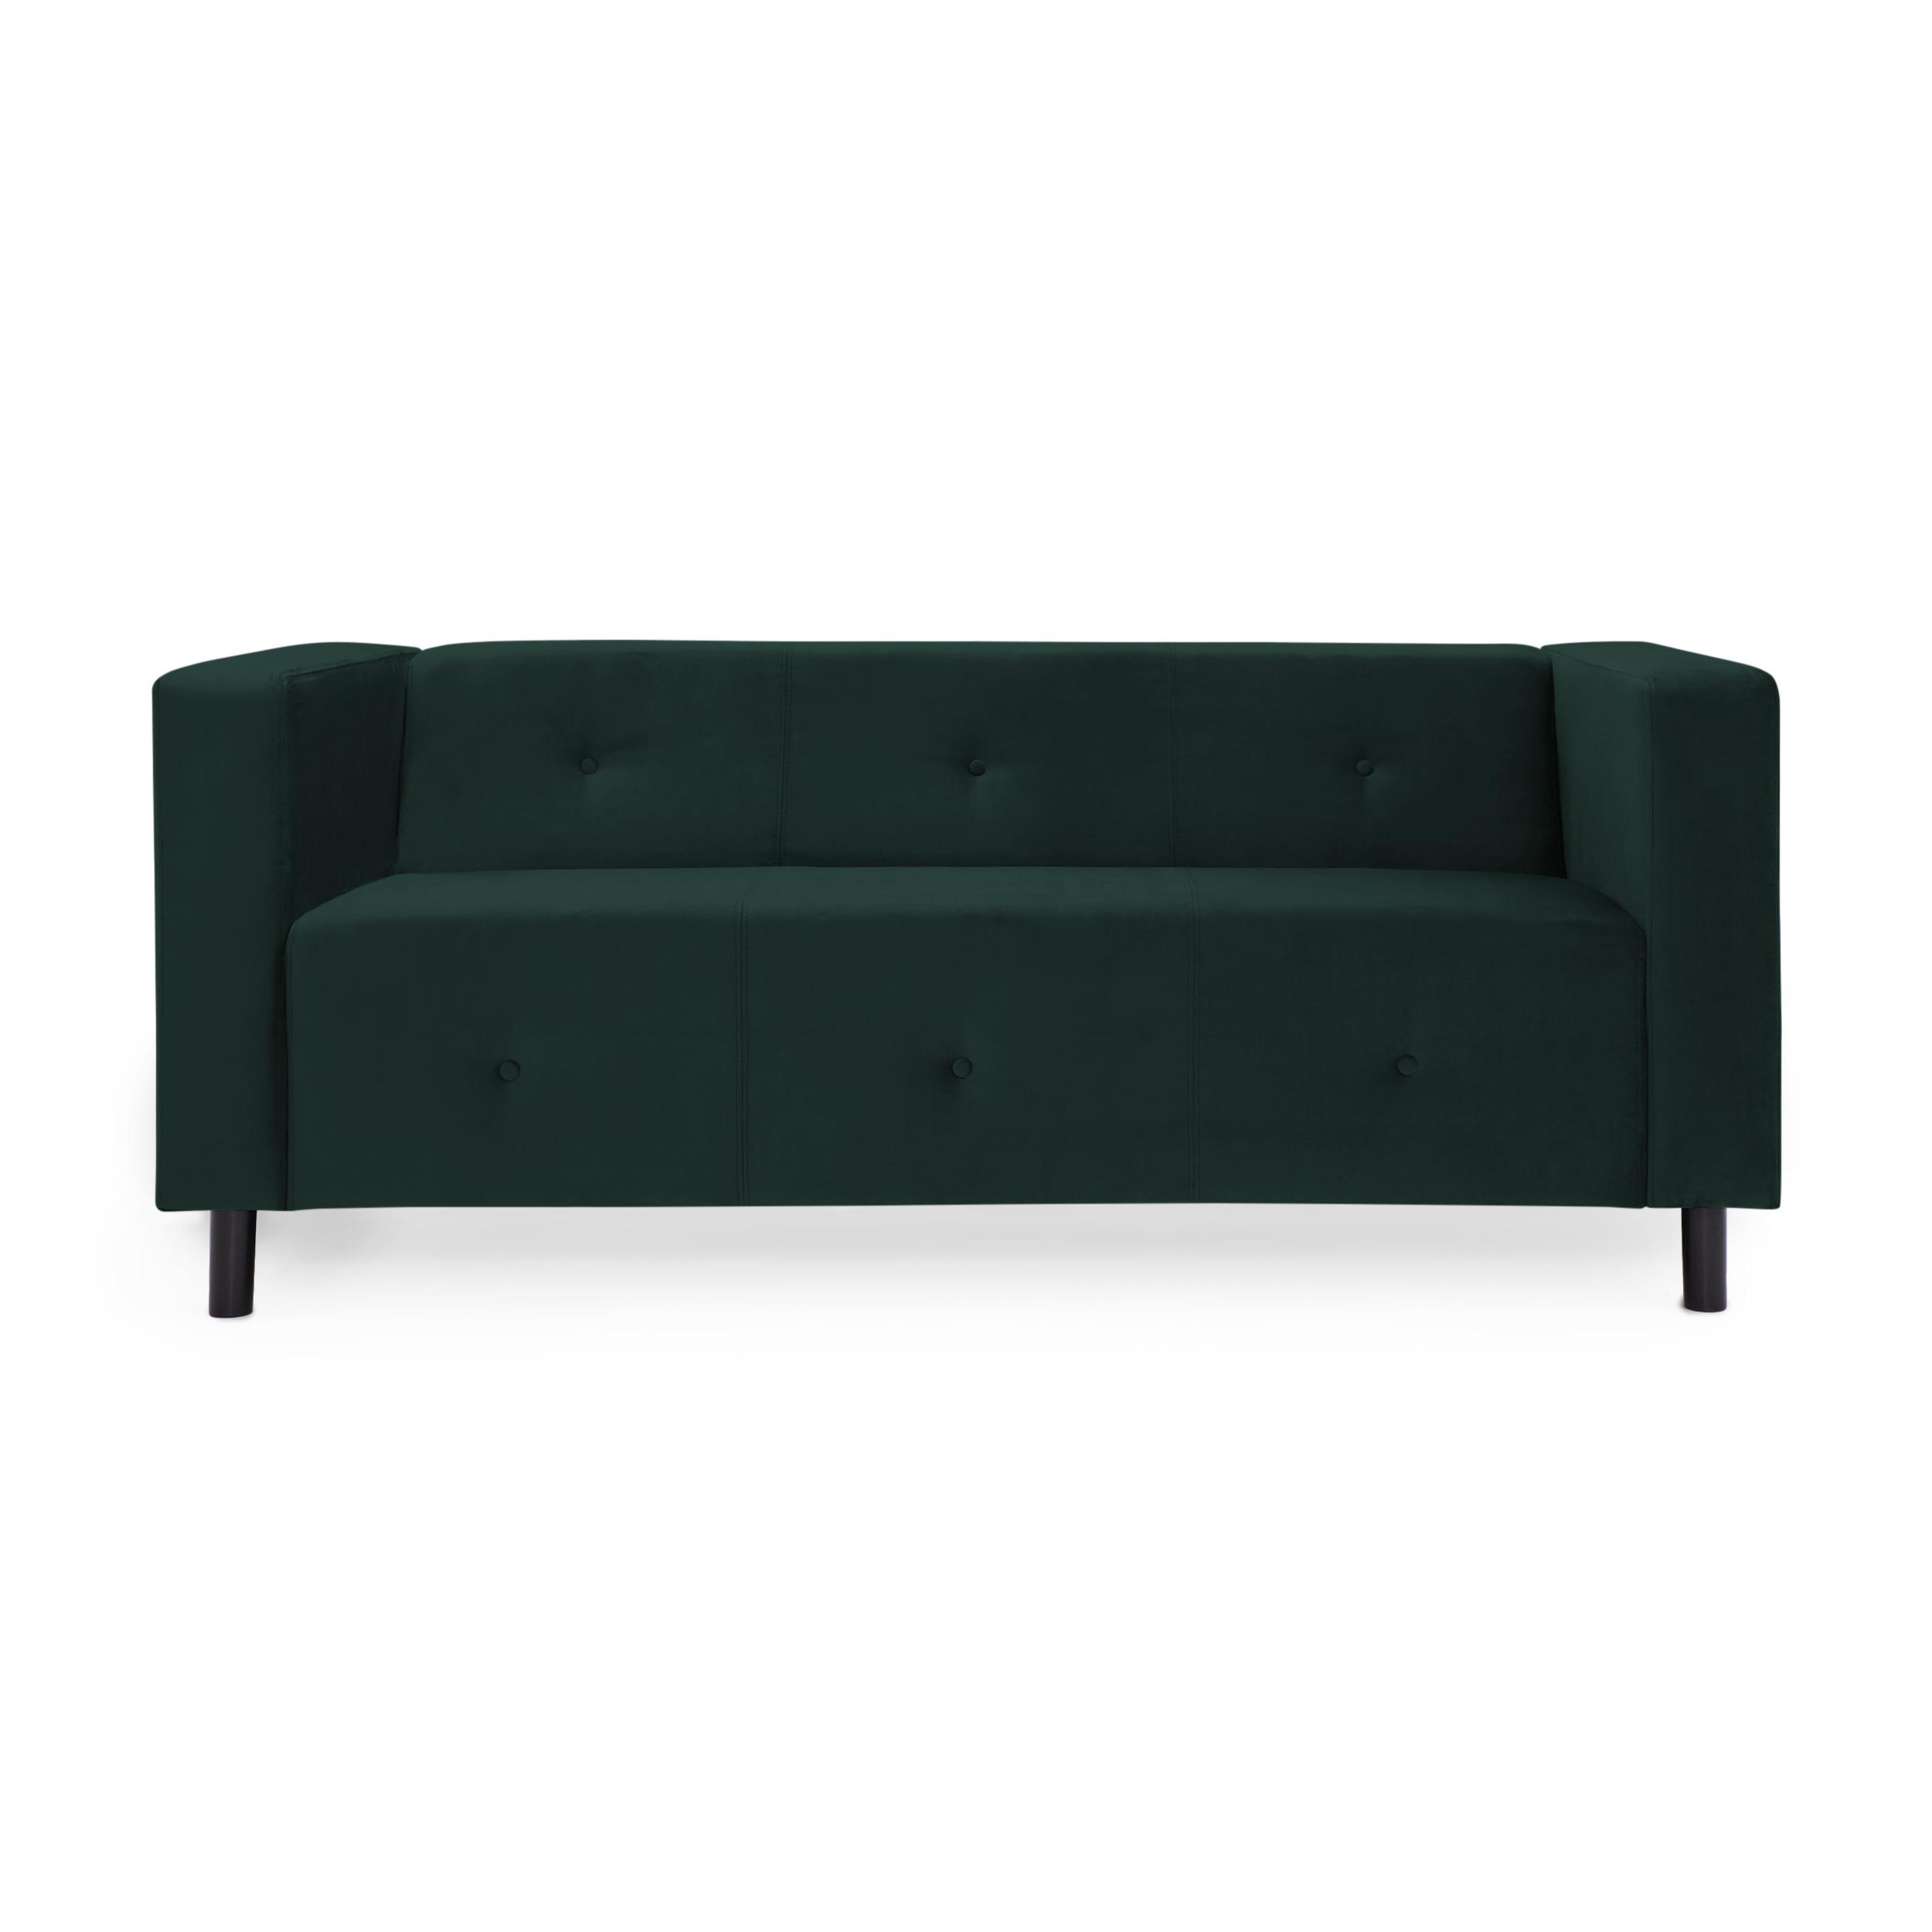 Canapea 3 locuri Milo Emerald Green